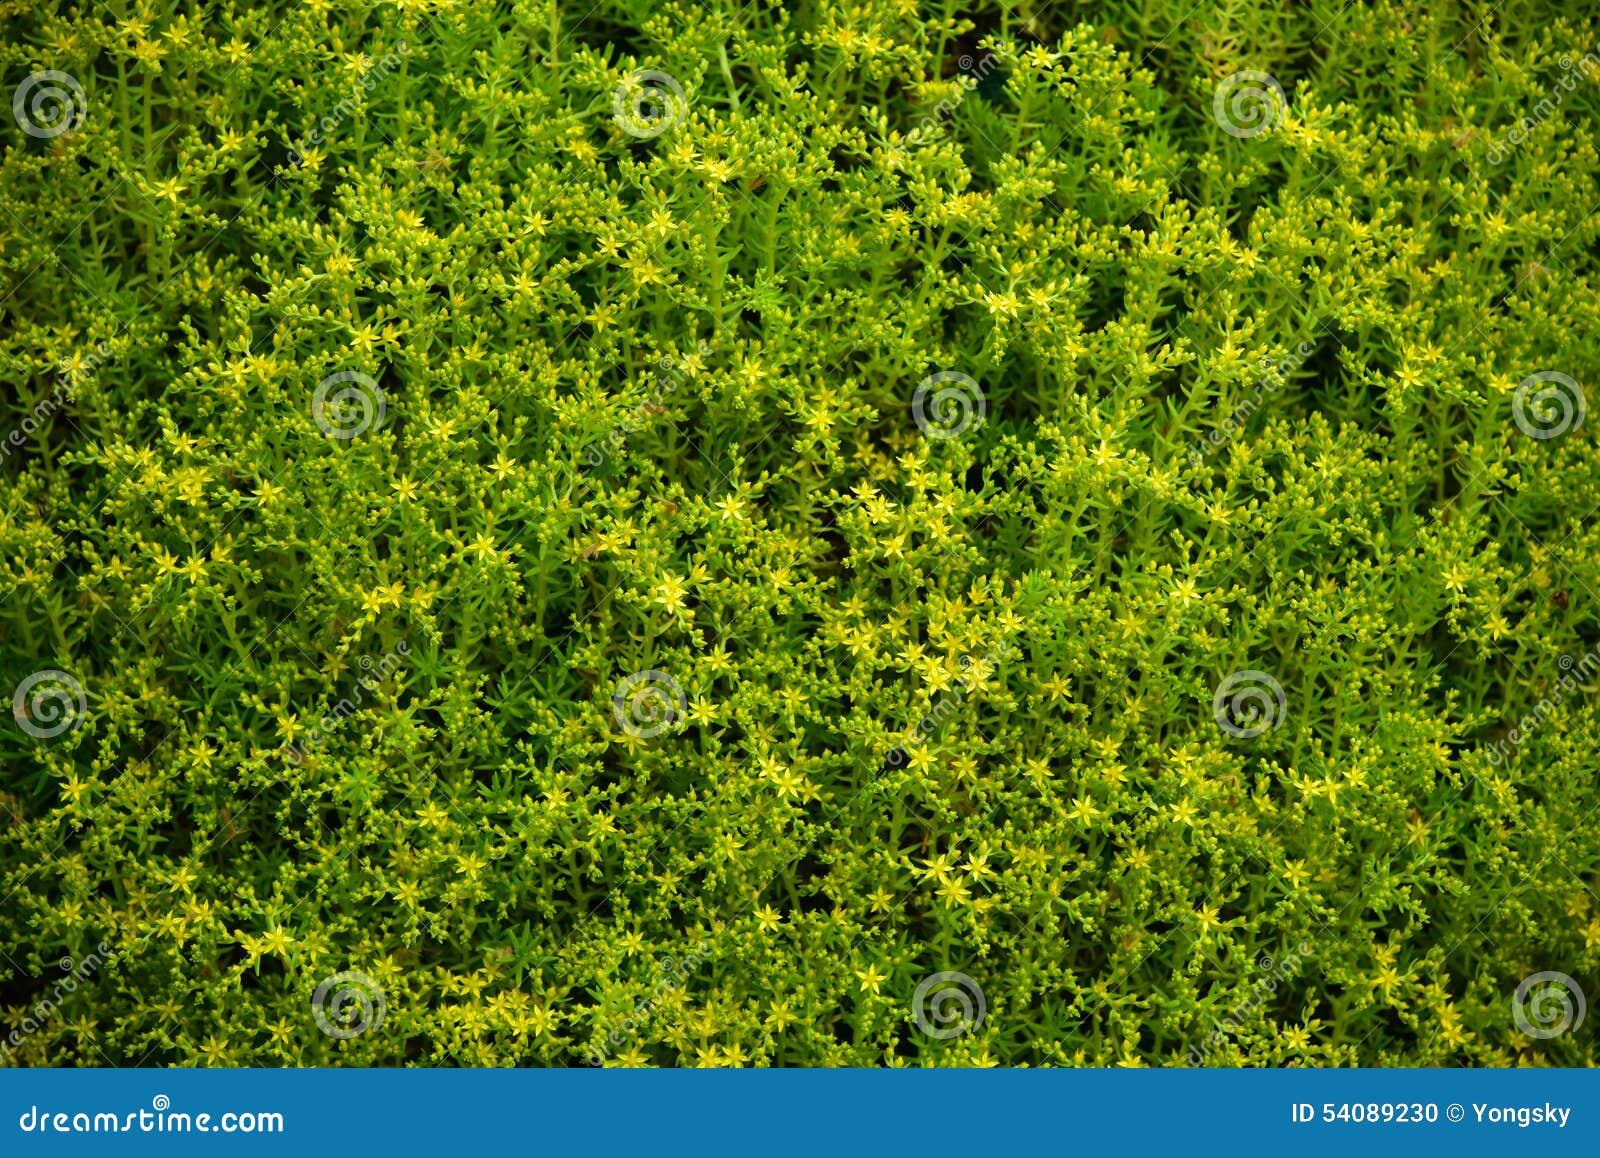 Kleine gele bloemen